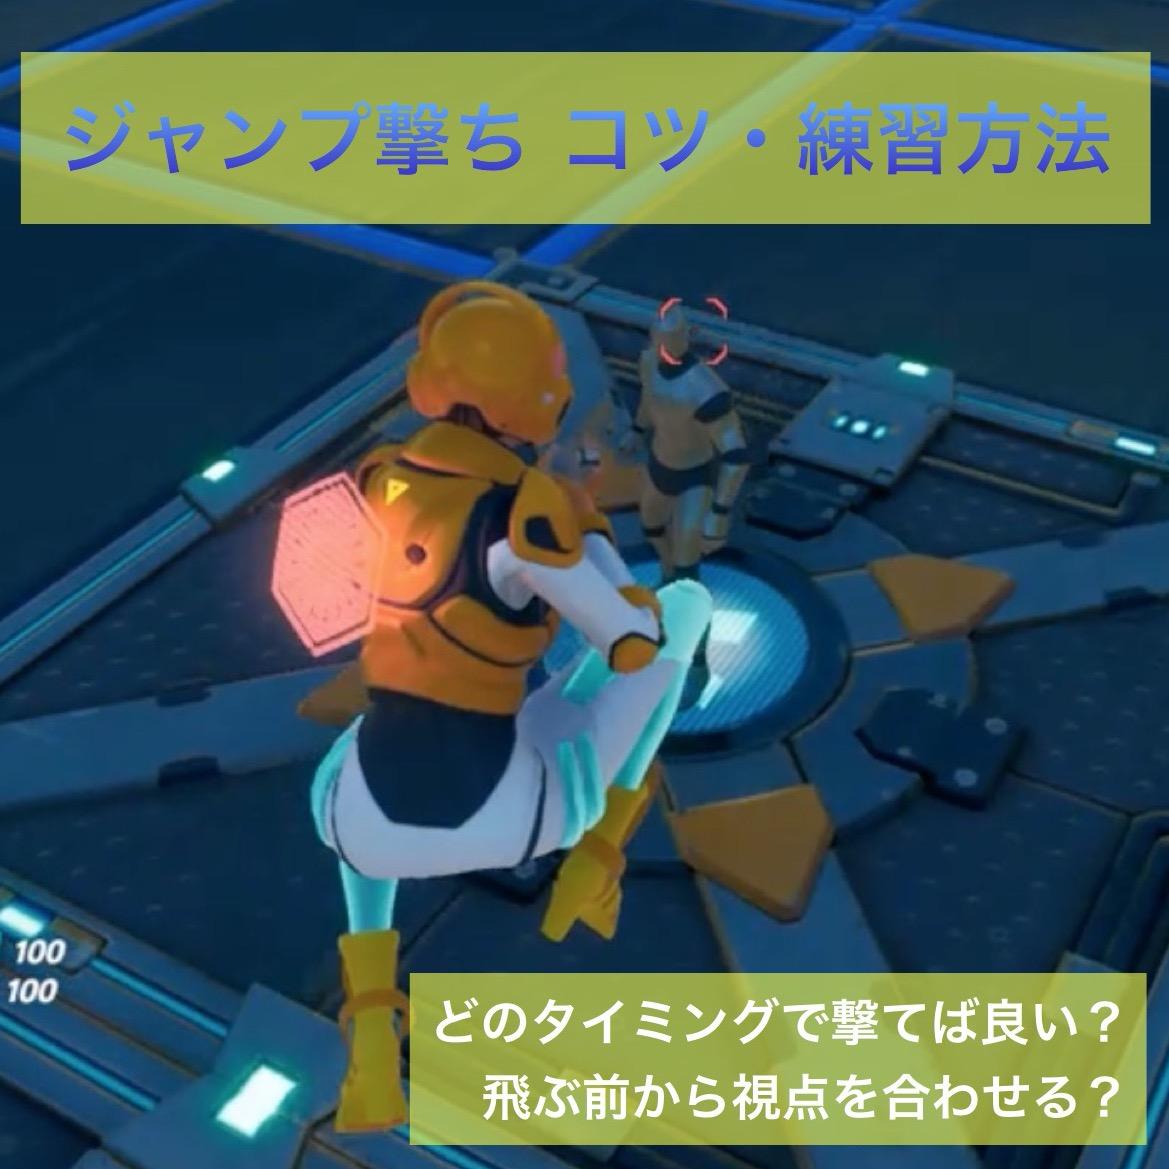 【フォートナイト】ジャンプ撃ちのコツ(設定、練習方法)